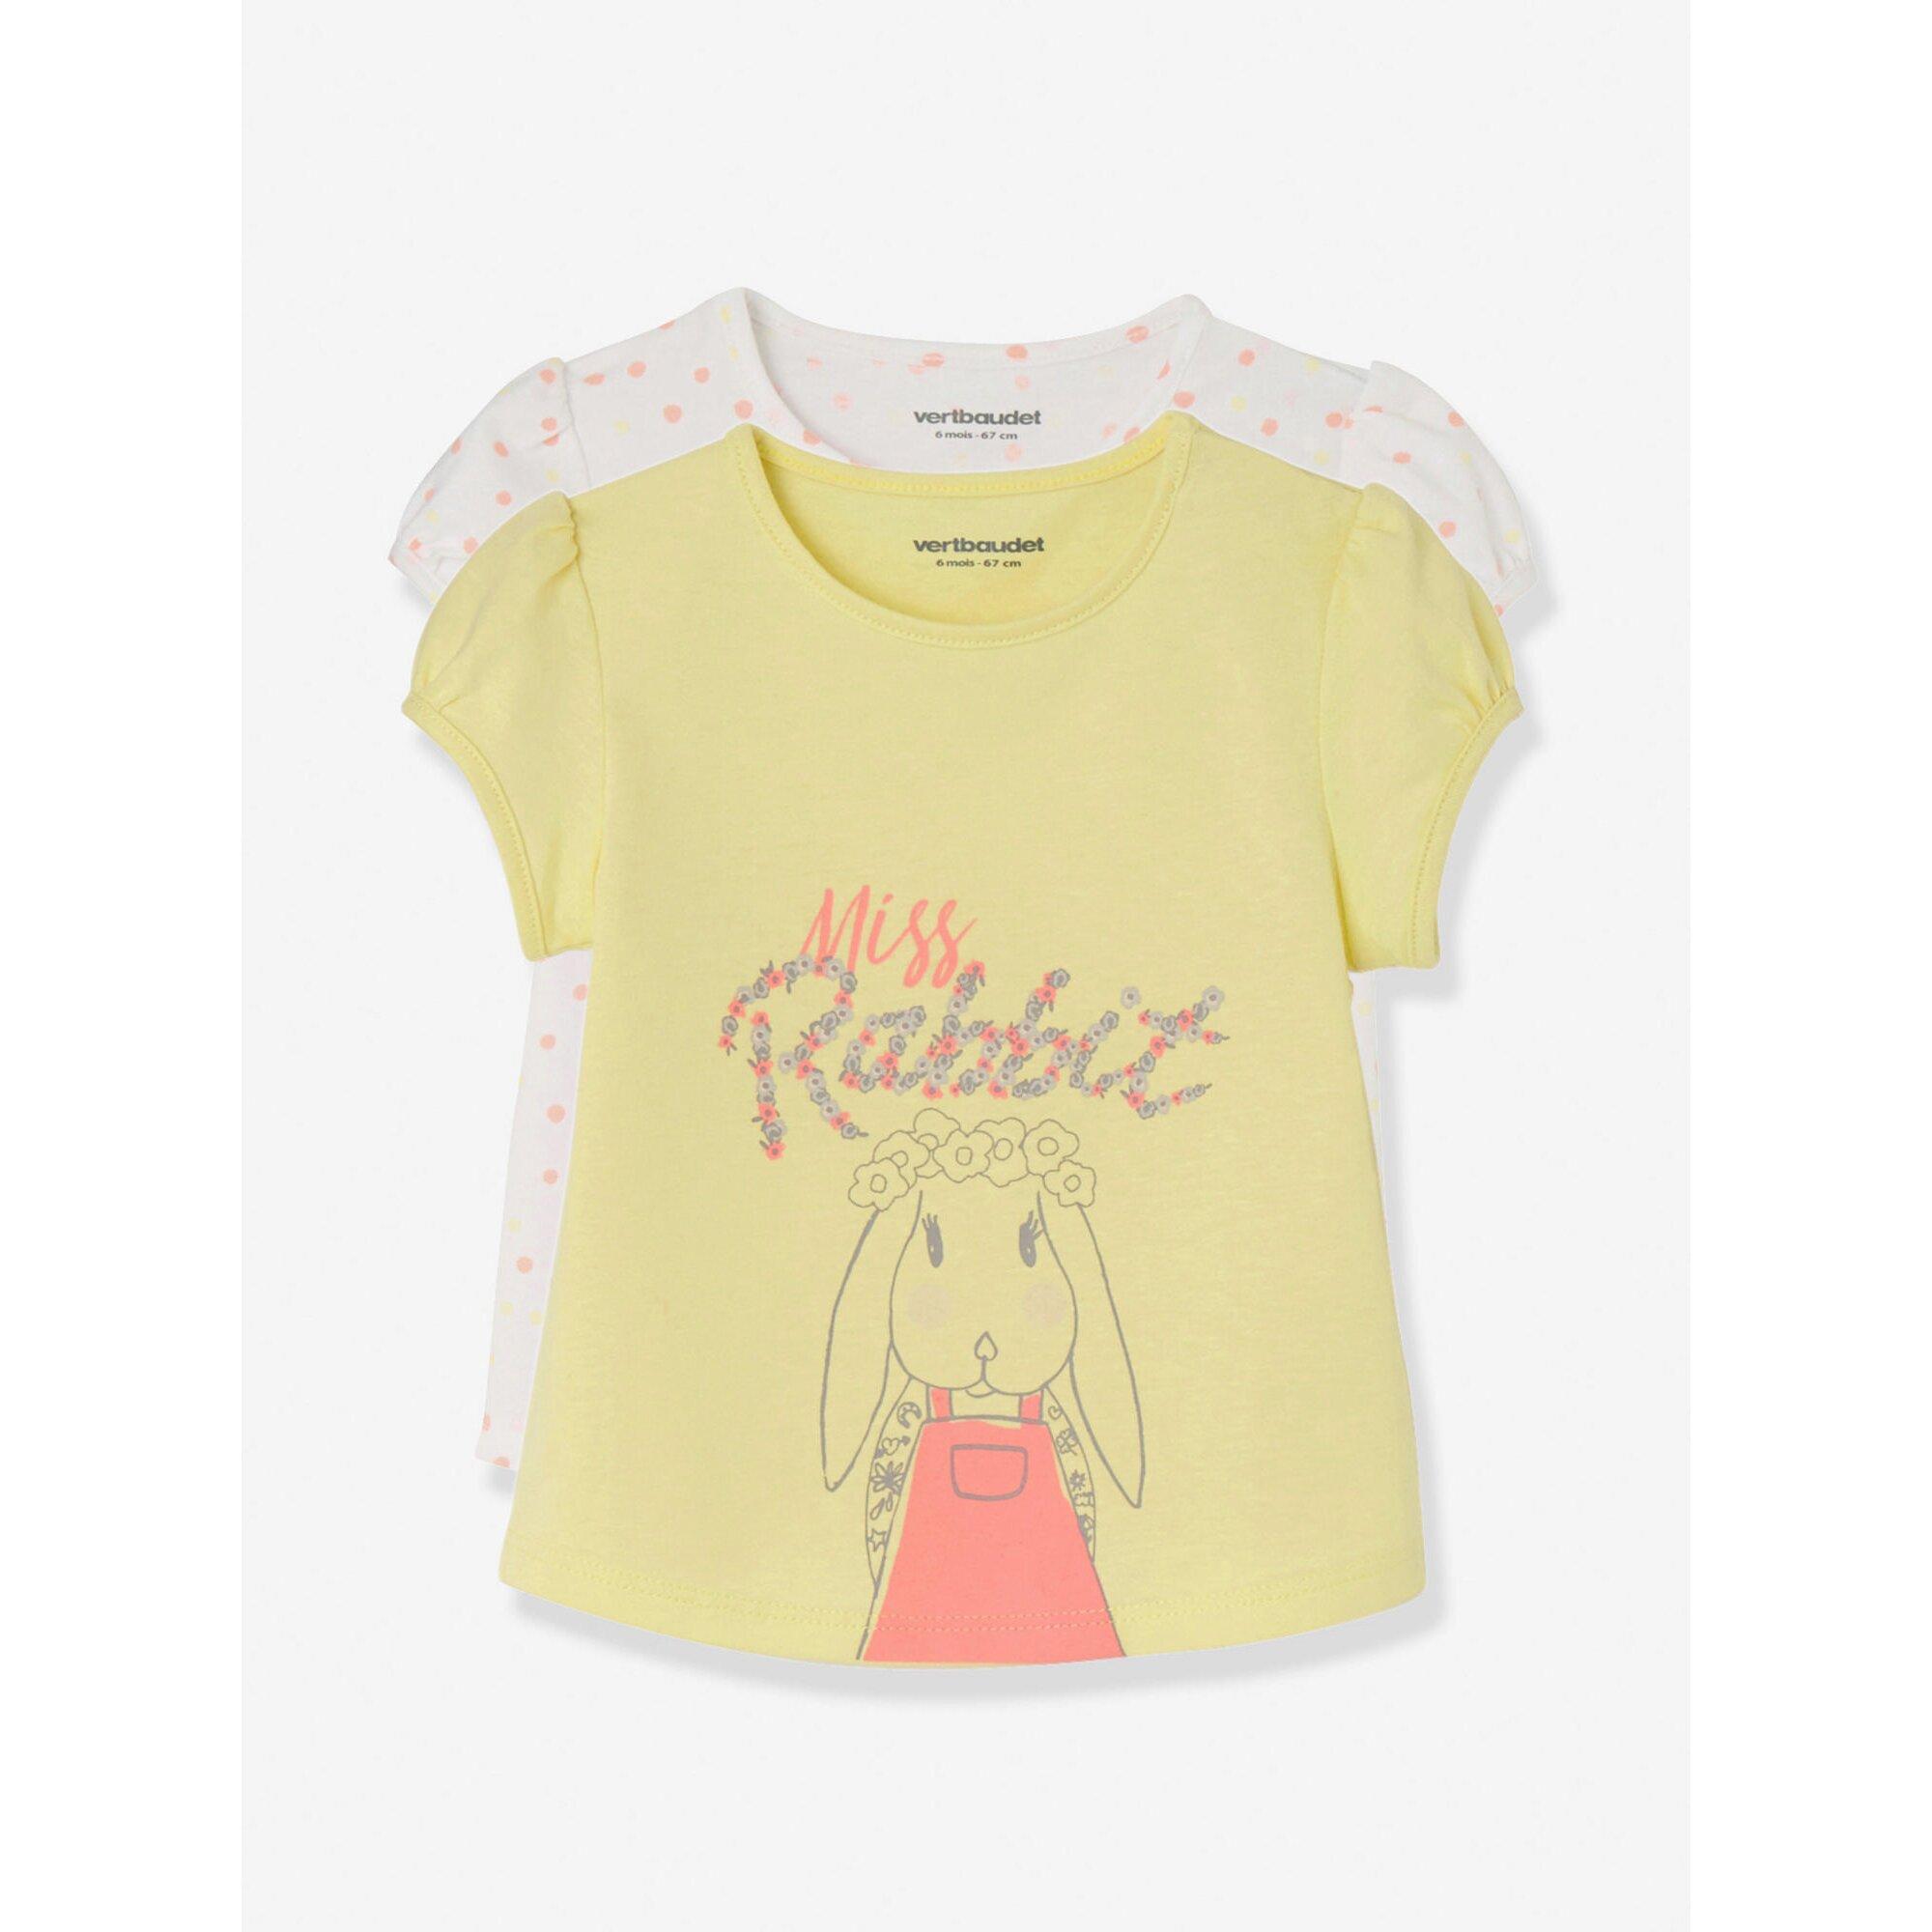 vertbaudet-2er-pack-baby-madchen-t-shirts, 8.39 EUR @ babywalz-de